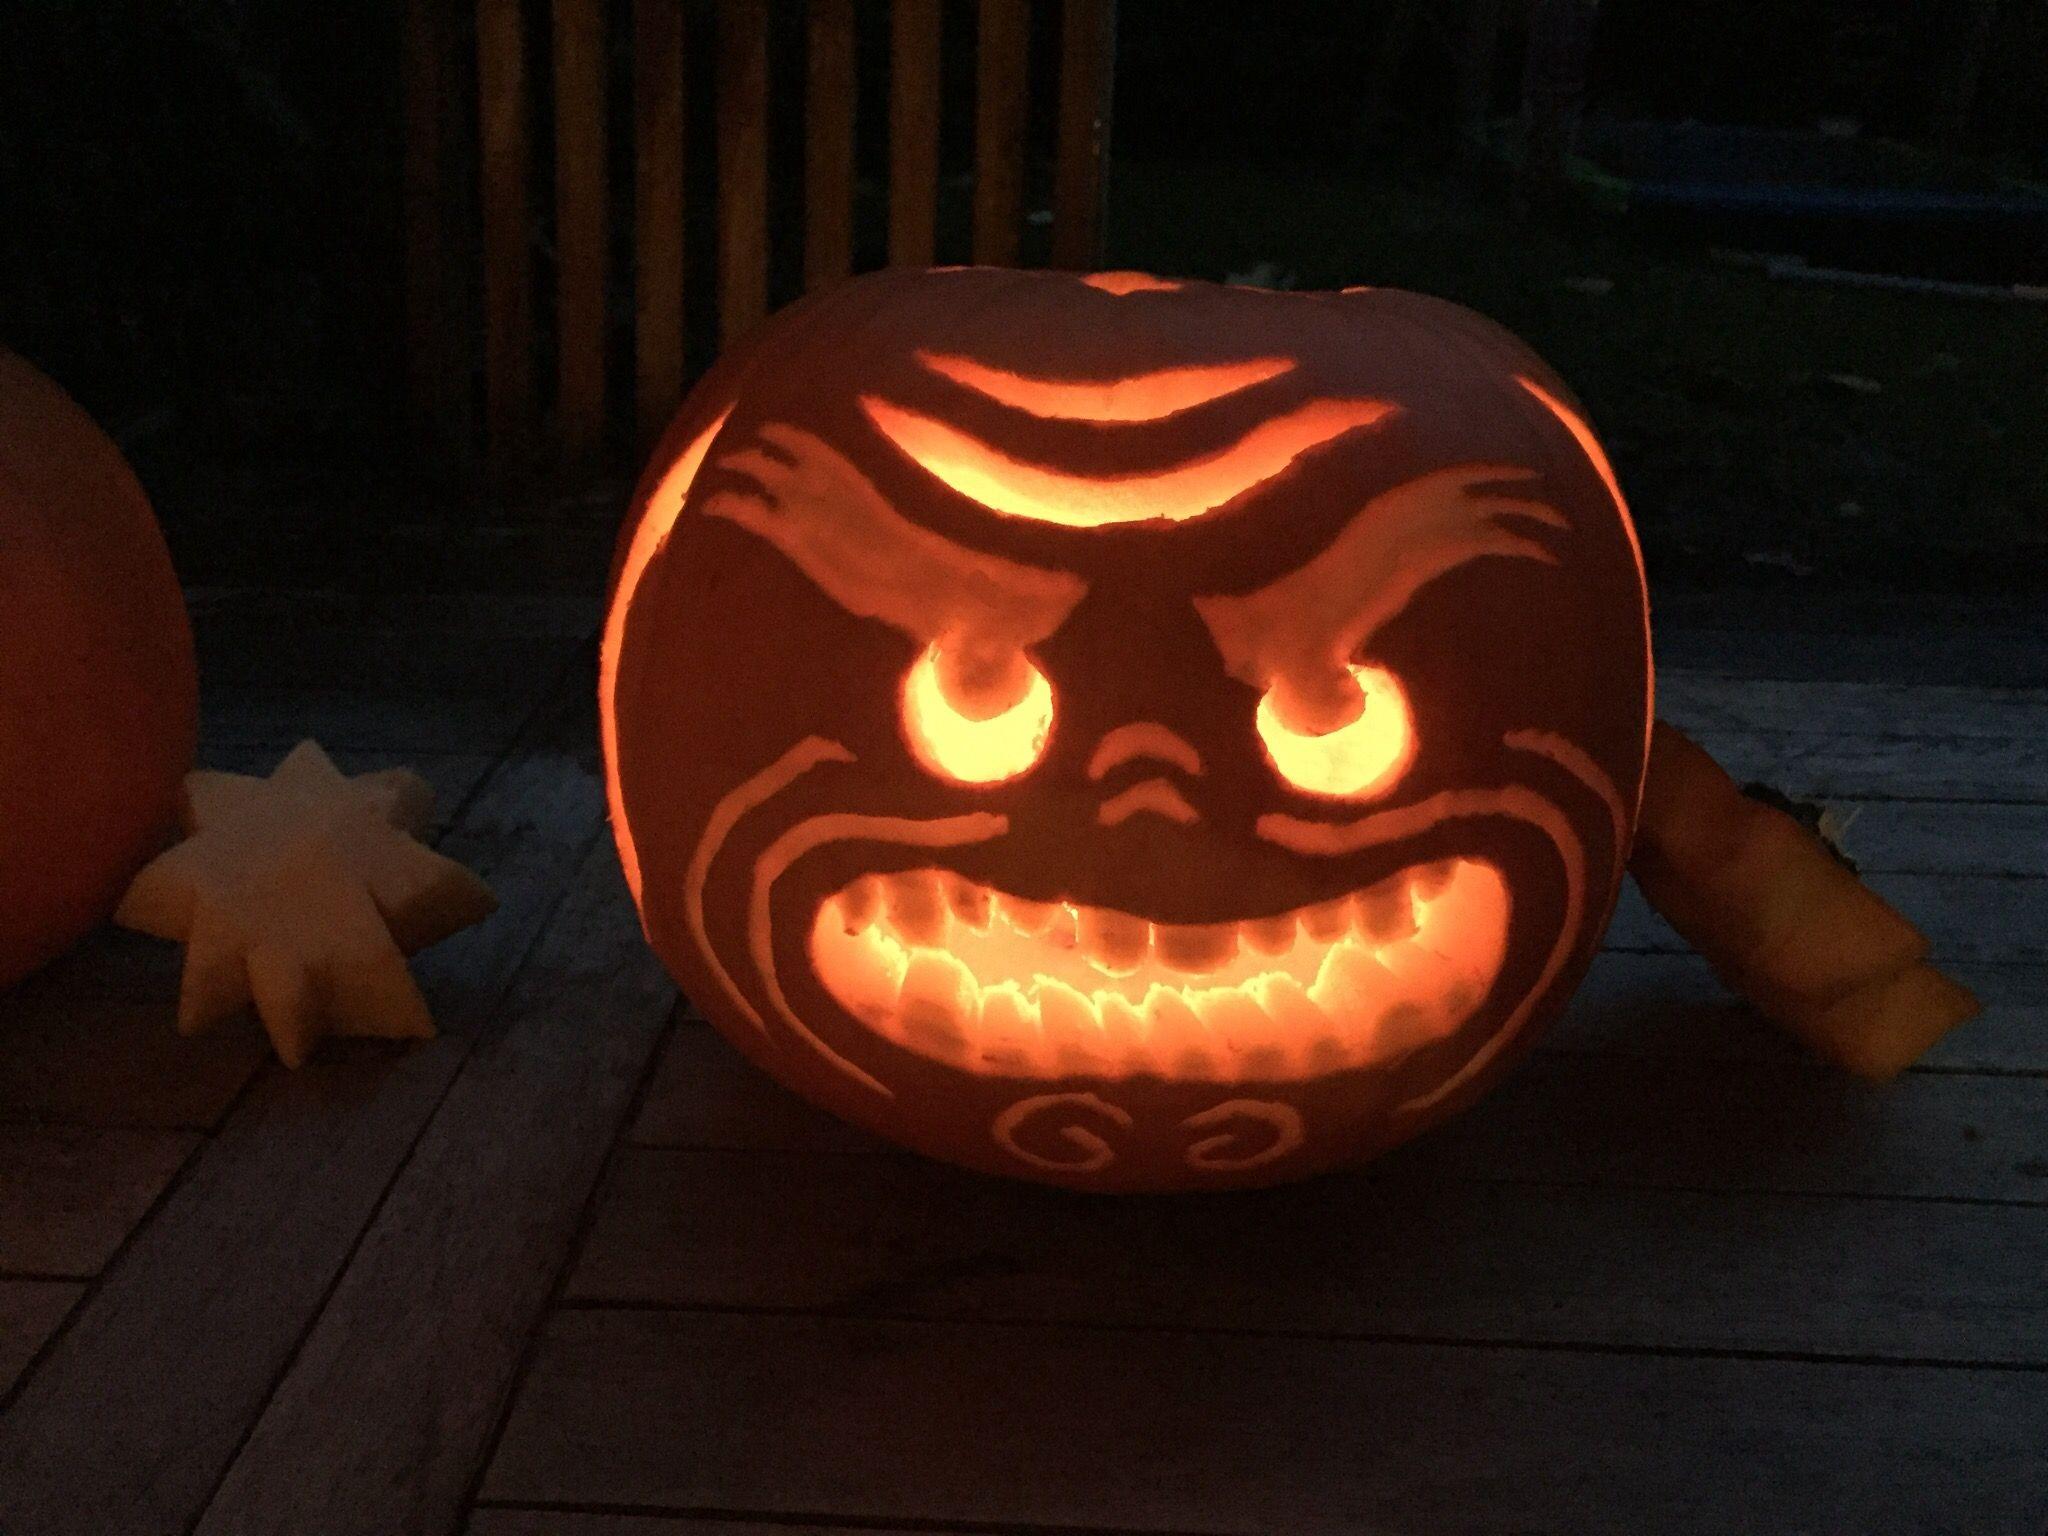 ninjago pumpkin template  Halloween Ninjago Lord Garmadon Pumpkin in 6 | Pumpkin ...